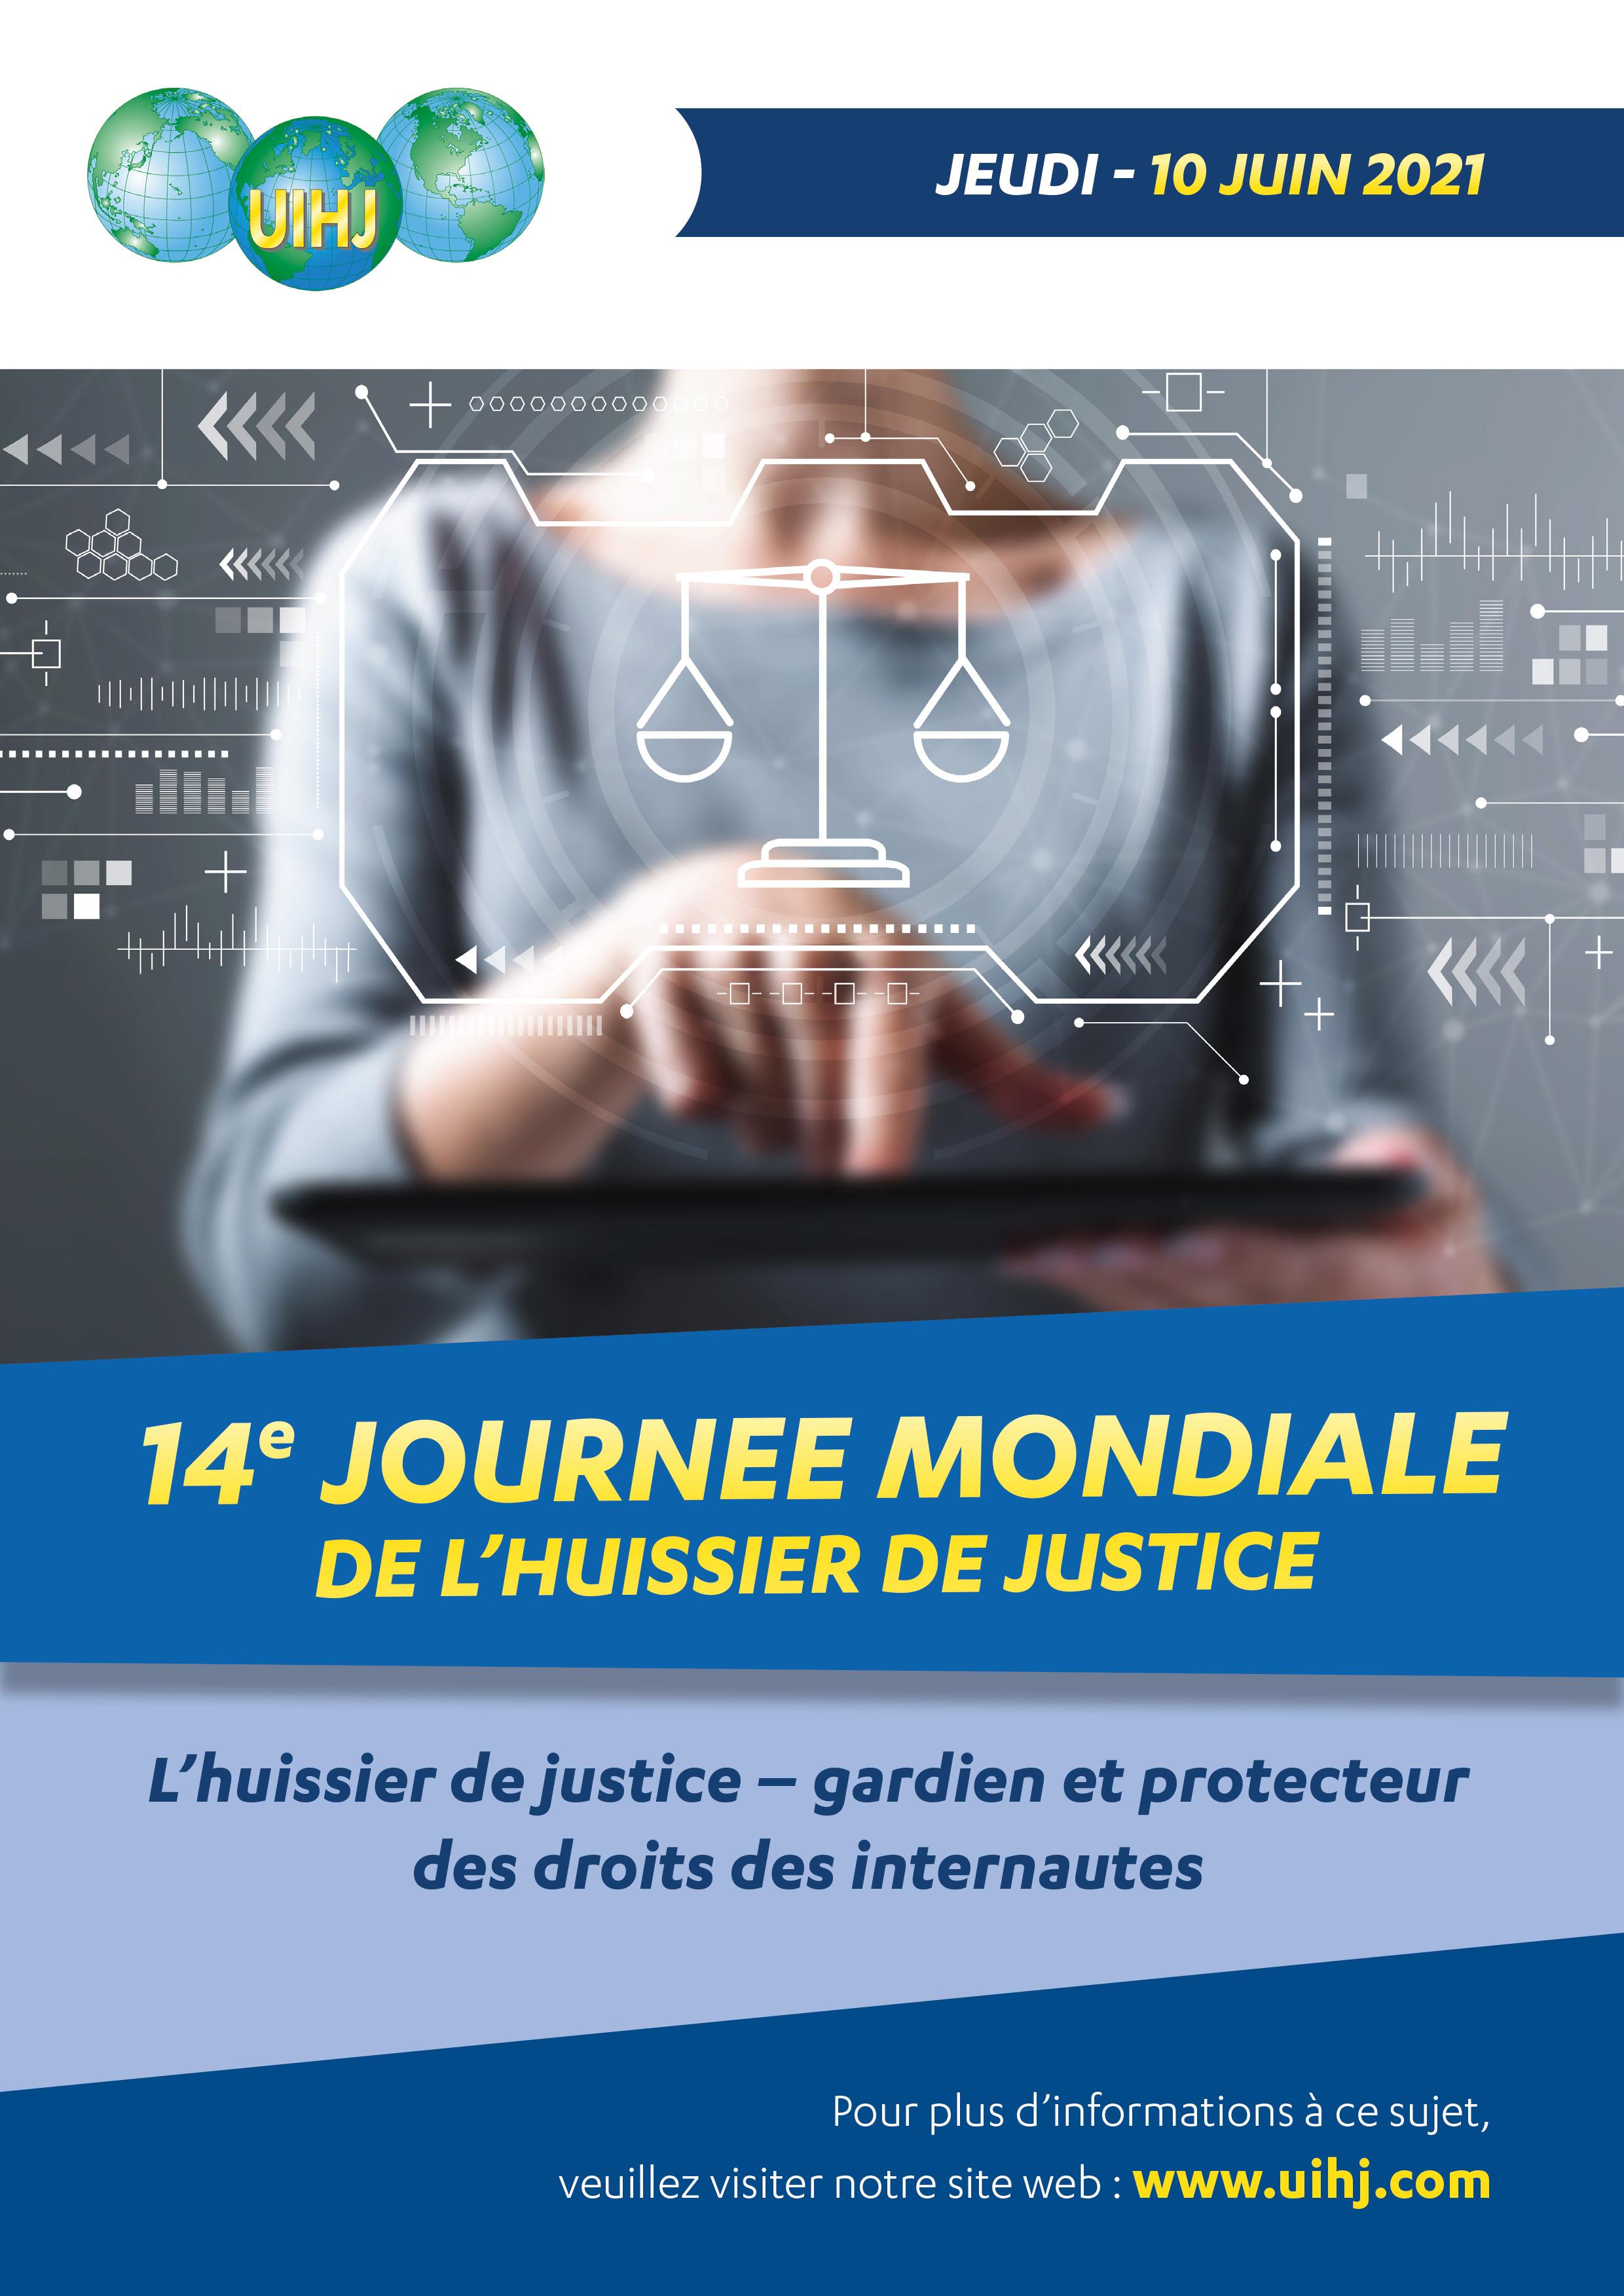 14e JOURNEE MONDIALE DE L'HUISSIER DE JUSTICE 2021